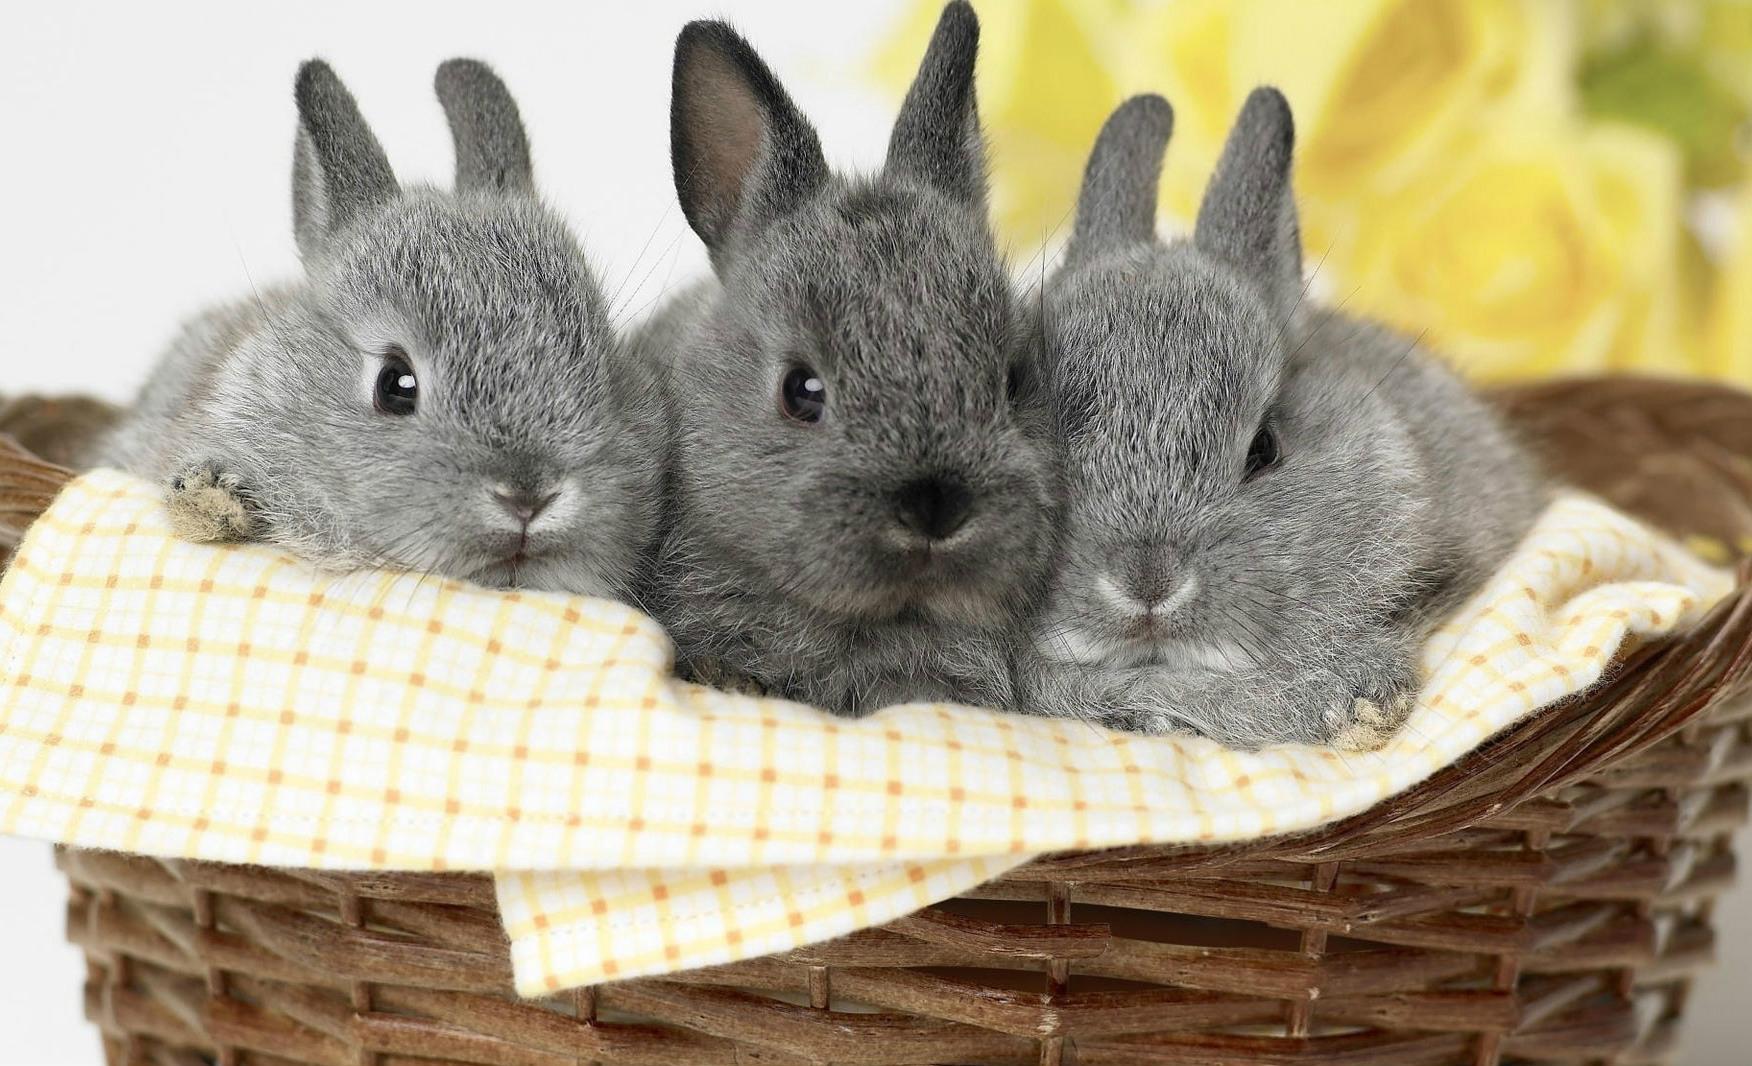 Выращивание и разведение кроликов в домашних условиях, инструкция для начинающих кролиководов